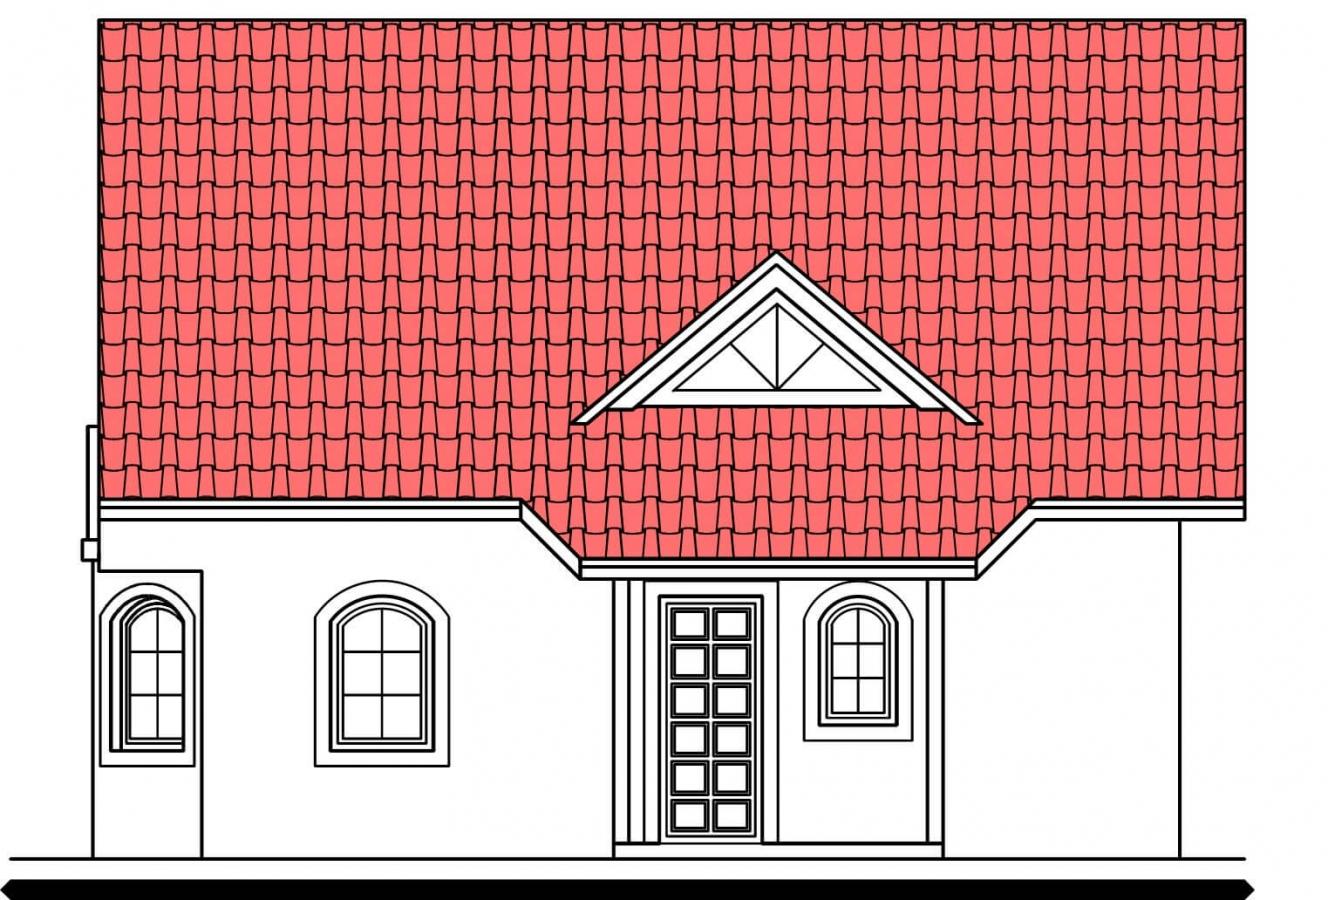 Pohľad 1. - Projekt podkrovného domu s krytou terasou.